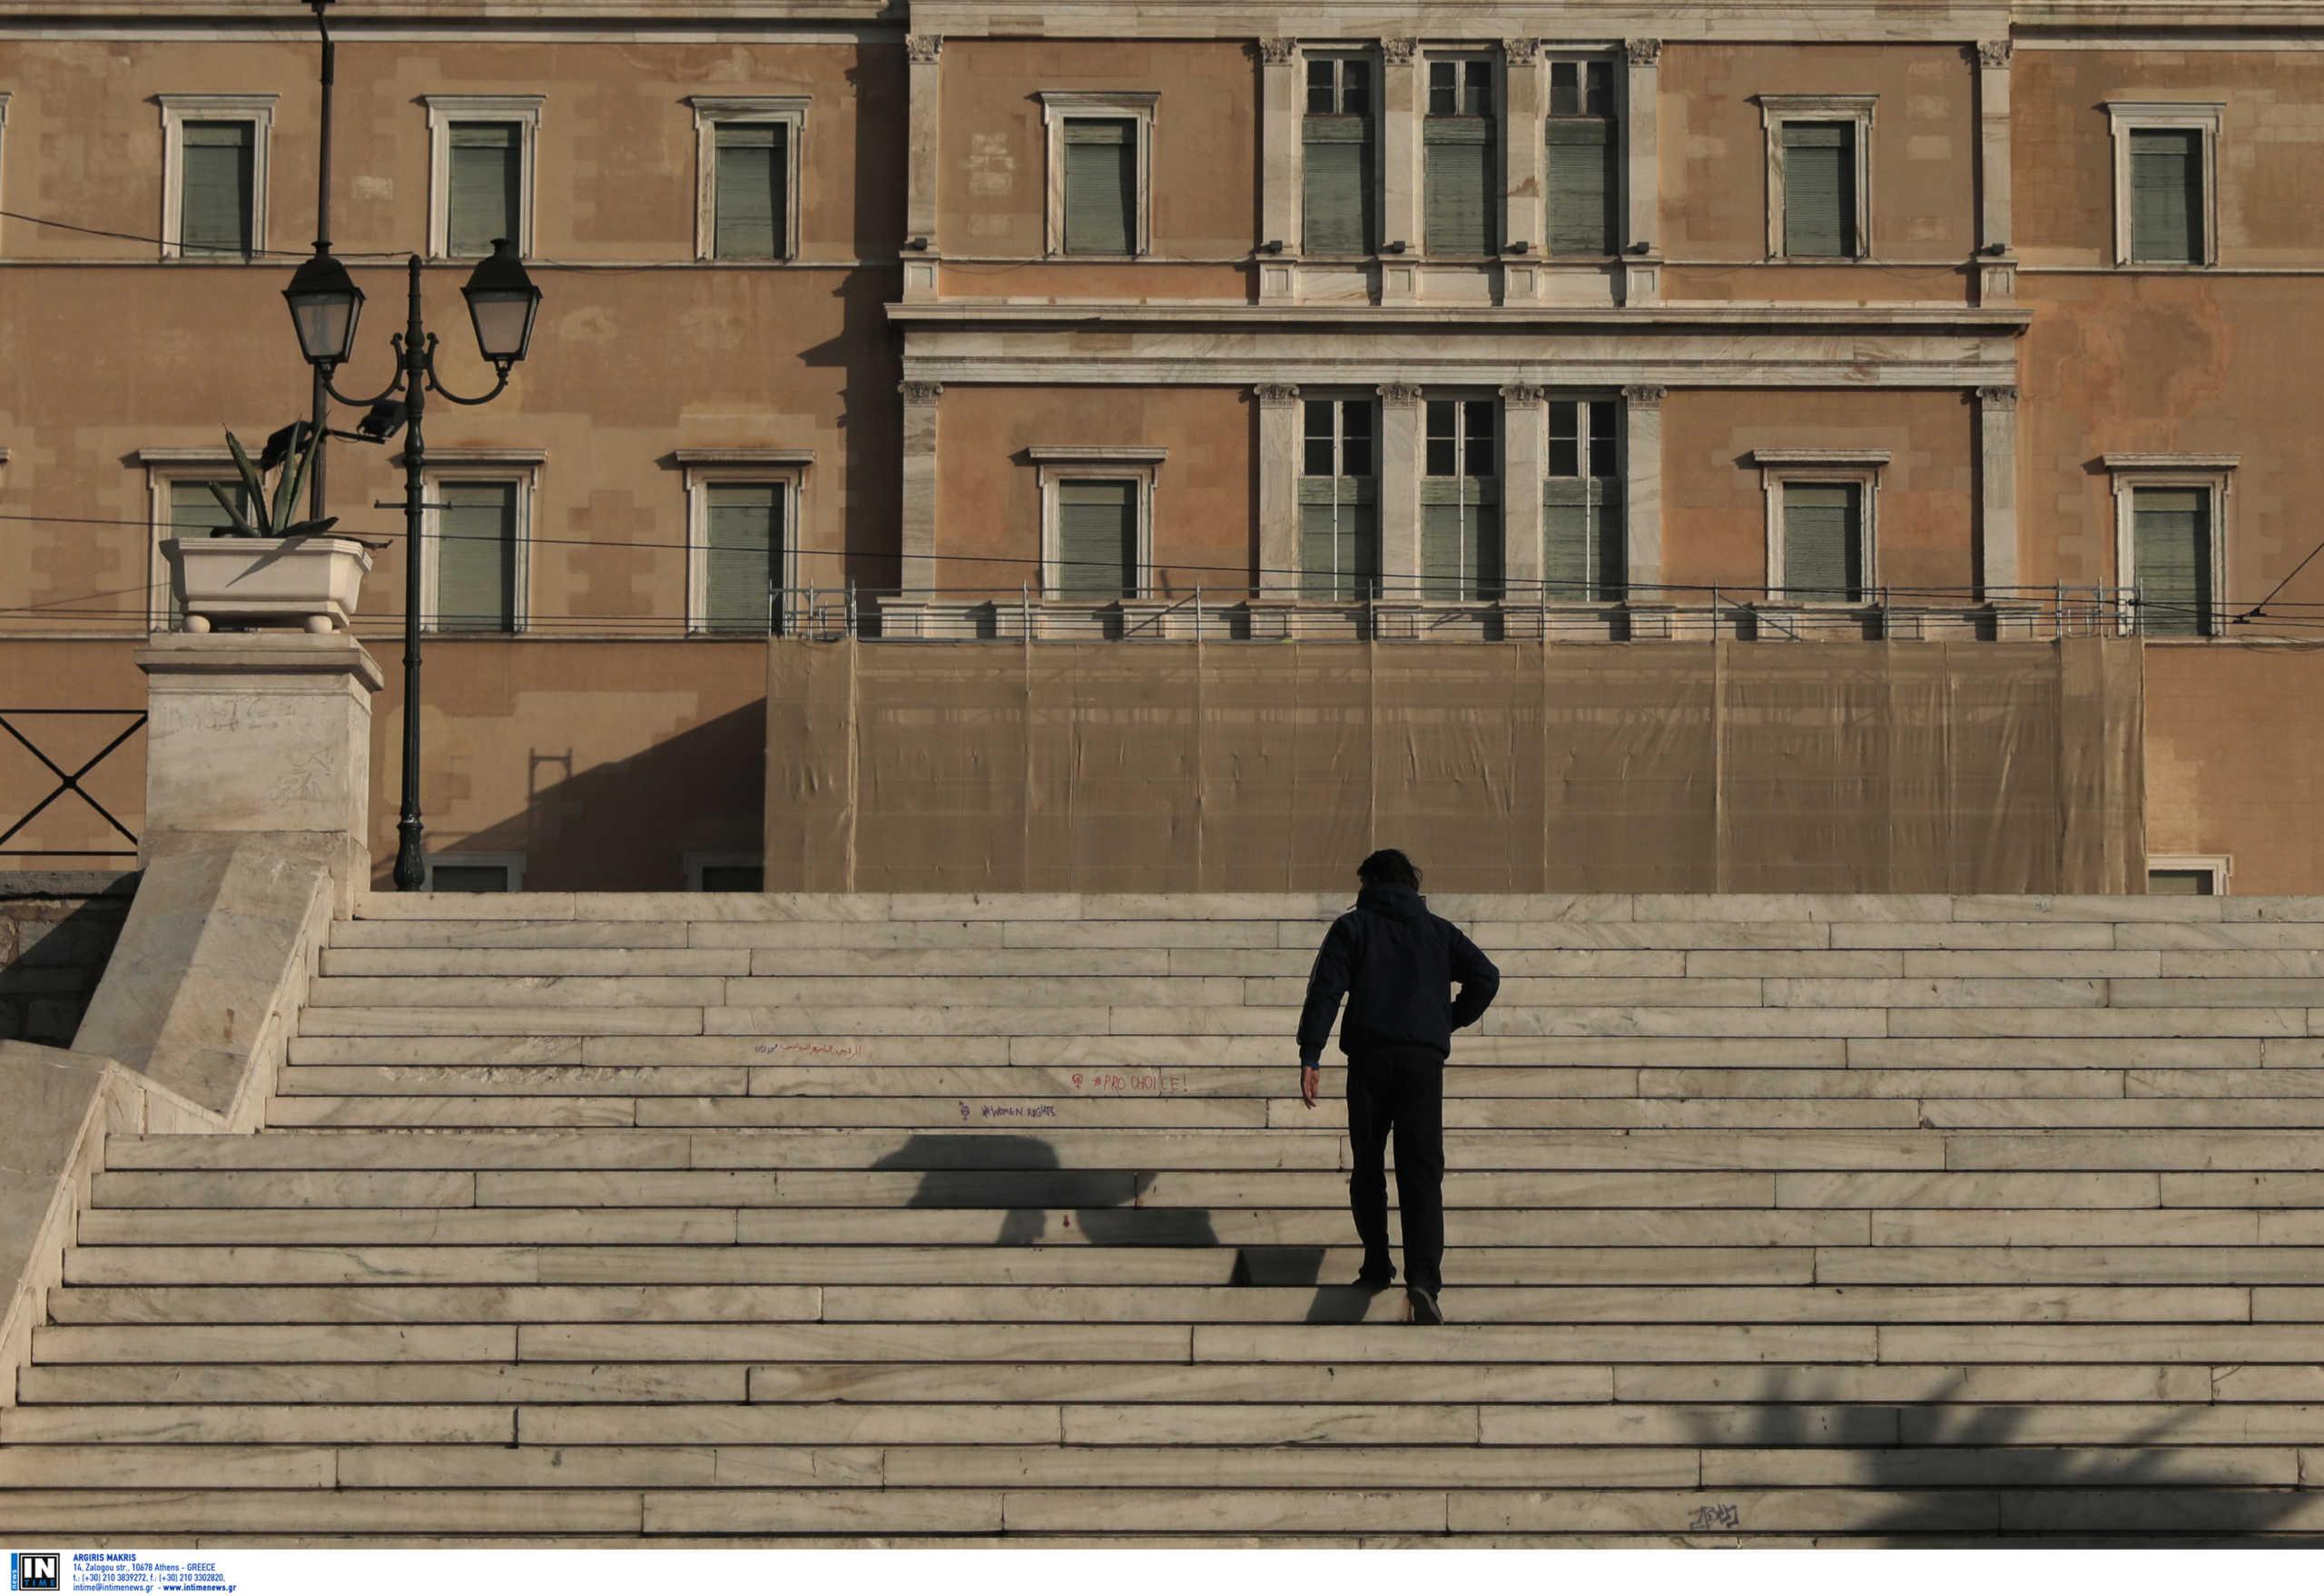 Δημοσκόπηση: Προβάδισμα 17,1% για τη ΝΔ – Ναι στα μέτρα από το 72% όσο κρατά ο κορονοϊός